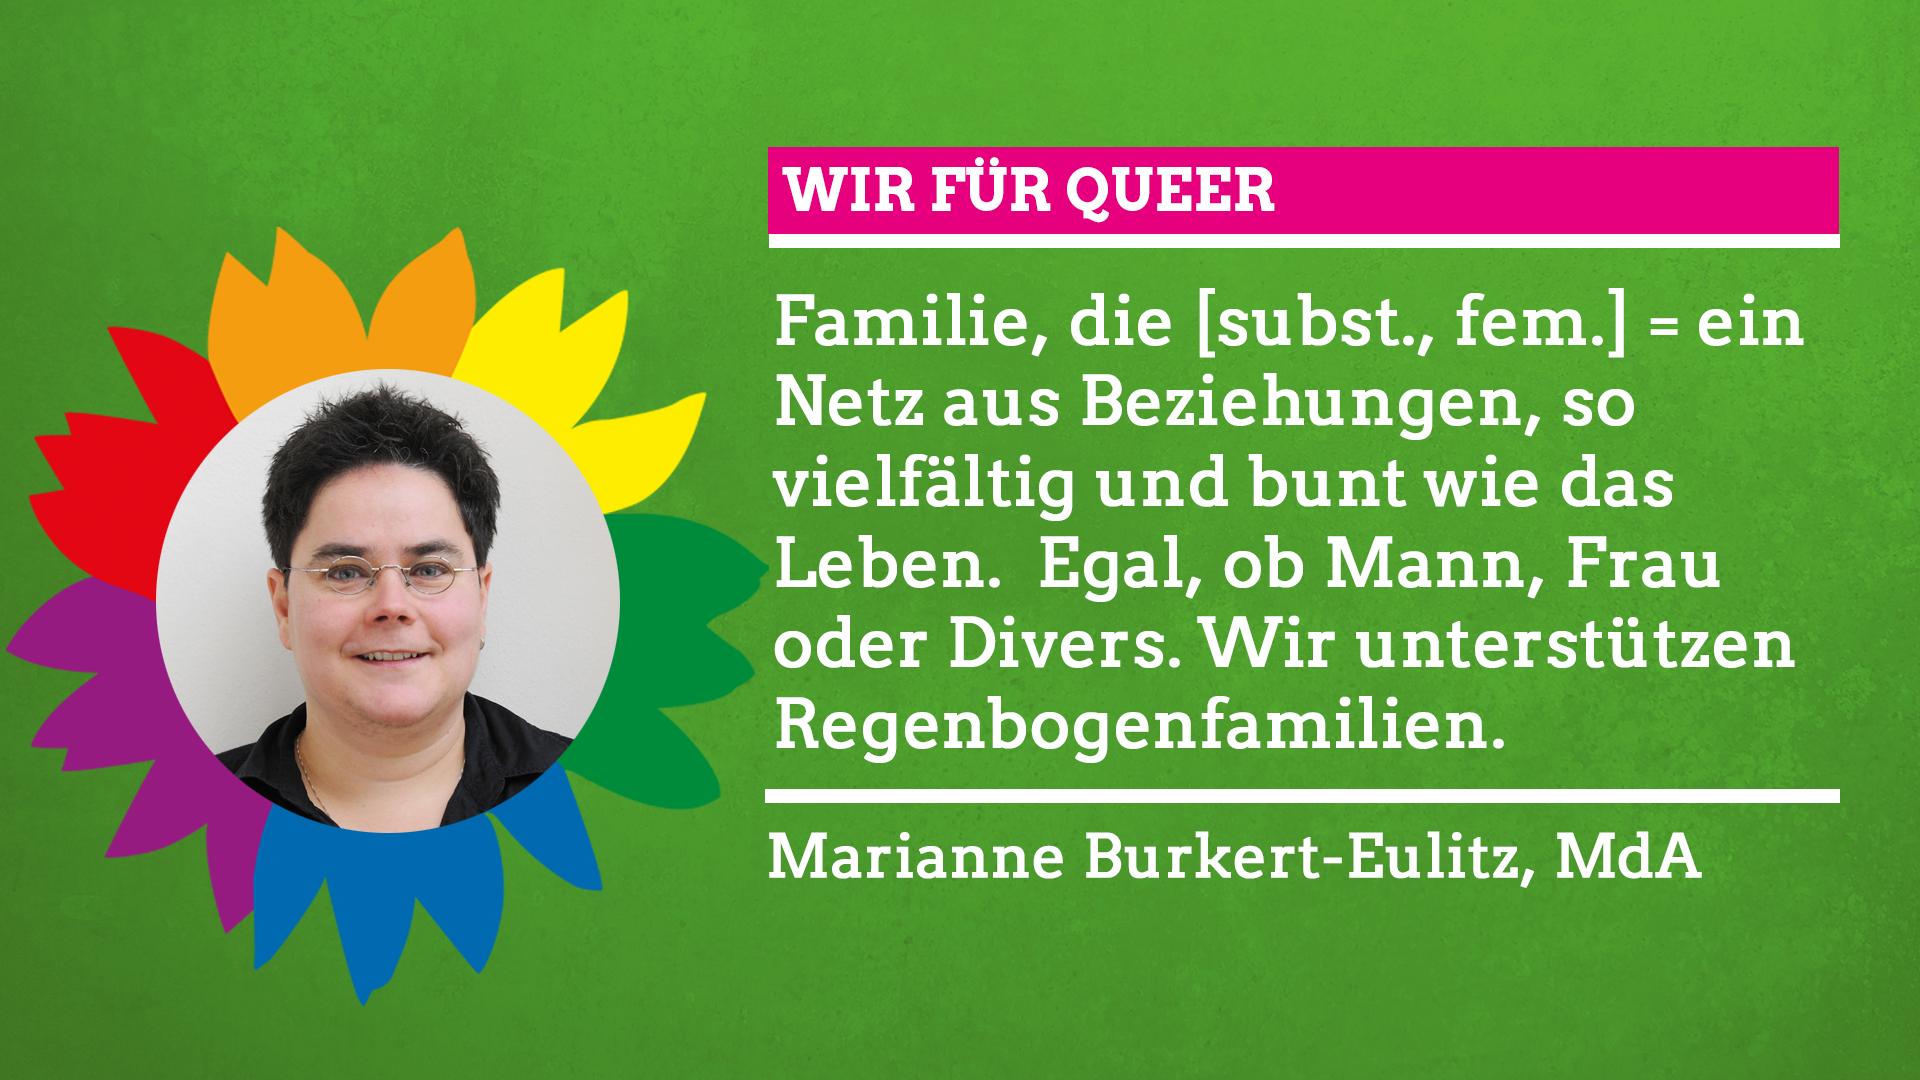 """Marianne Burkert-Eulitz sagt im Rahmen unserer Grünen Regenbogenwochen: """"Wir für Queer!"""""""